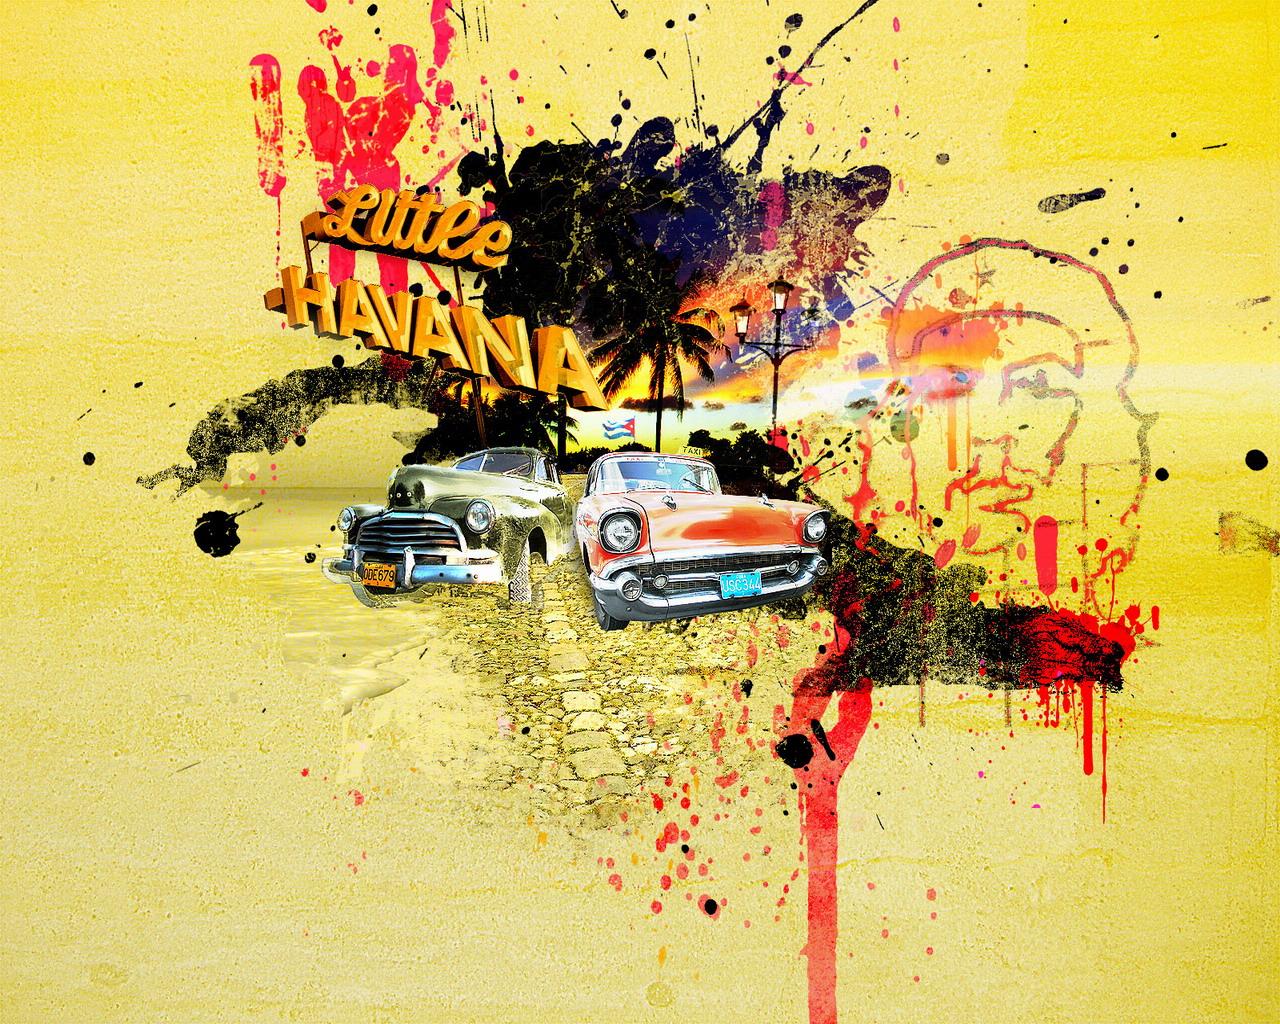 壁纸1280×1024街头涂鸦艺术风格壁纸壁纸 街头涂鸦